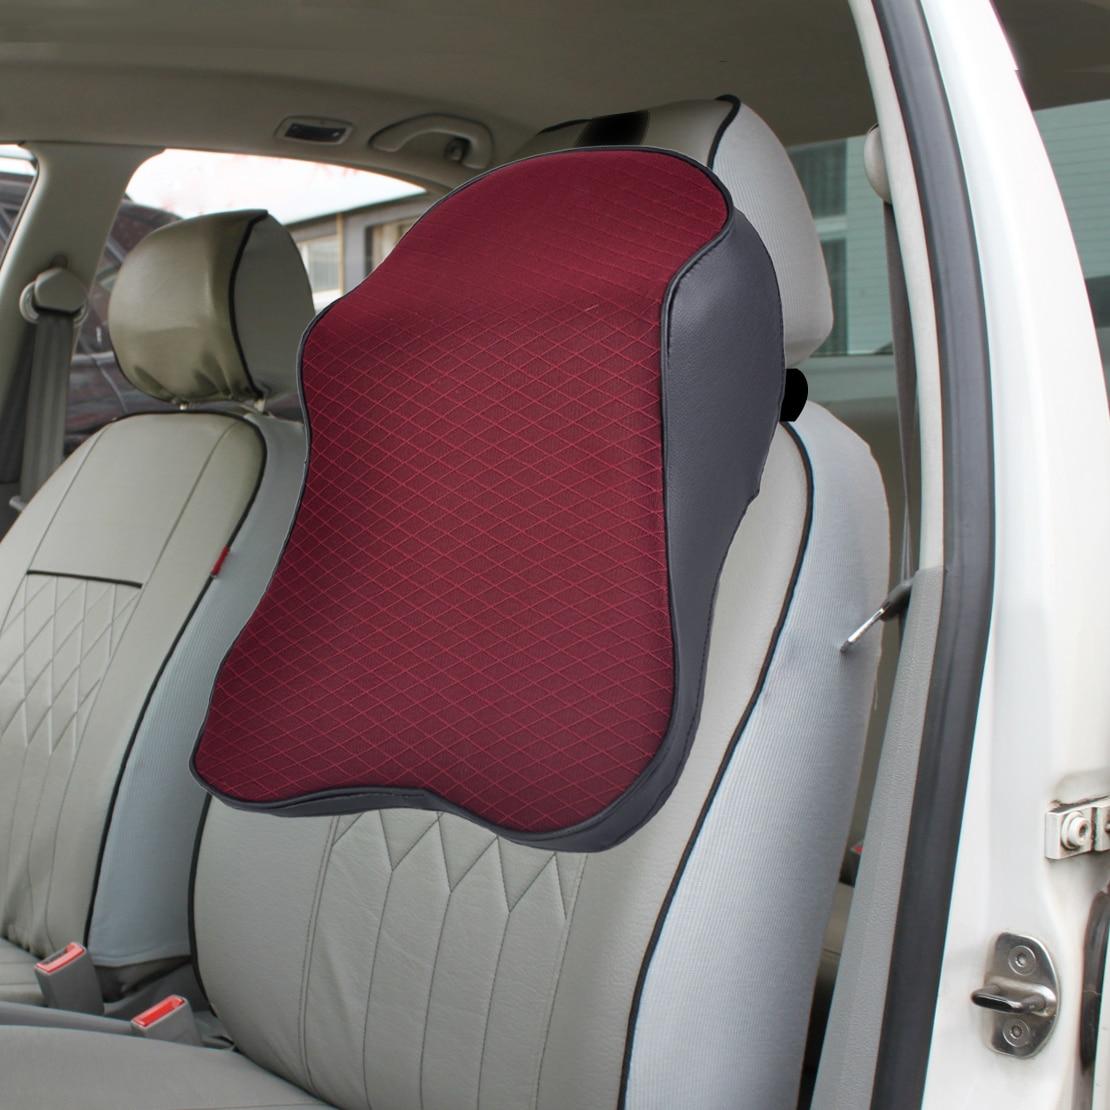 Beler nuevo 1 unidad Auto asiento reposacabezas blando almohadilla de espuma de memoria almohada cabeza descanso del cuello cojín de apoyo viaje para VW Audi BMW Mazda